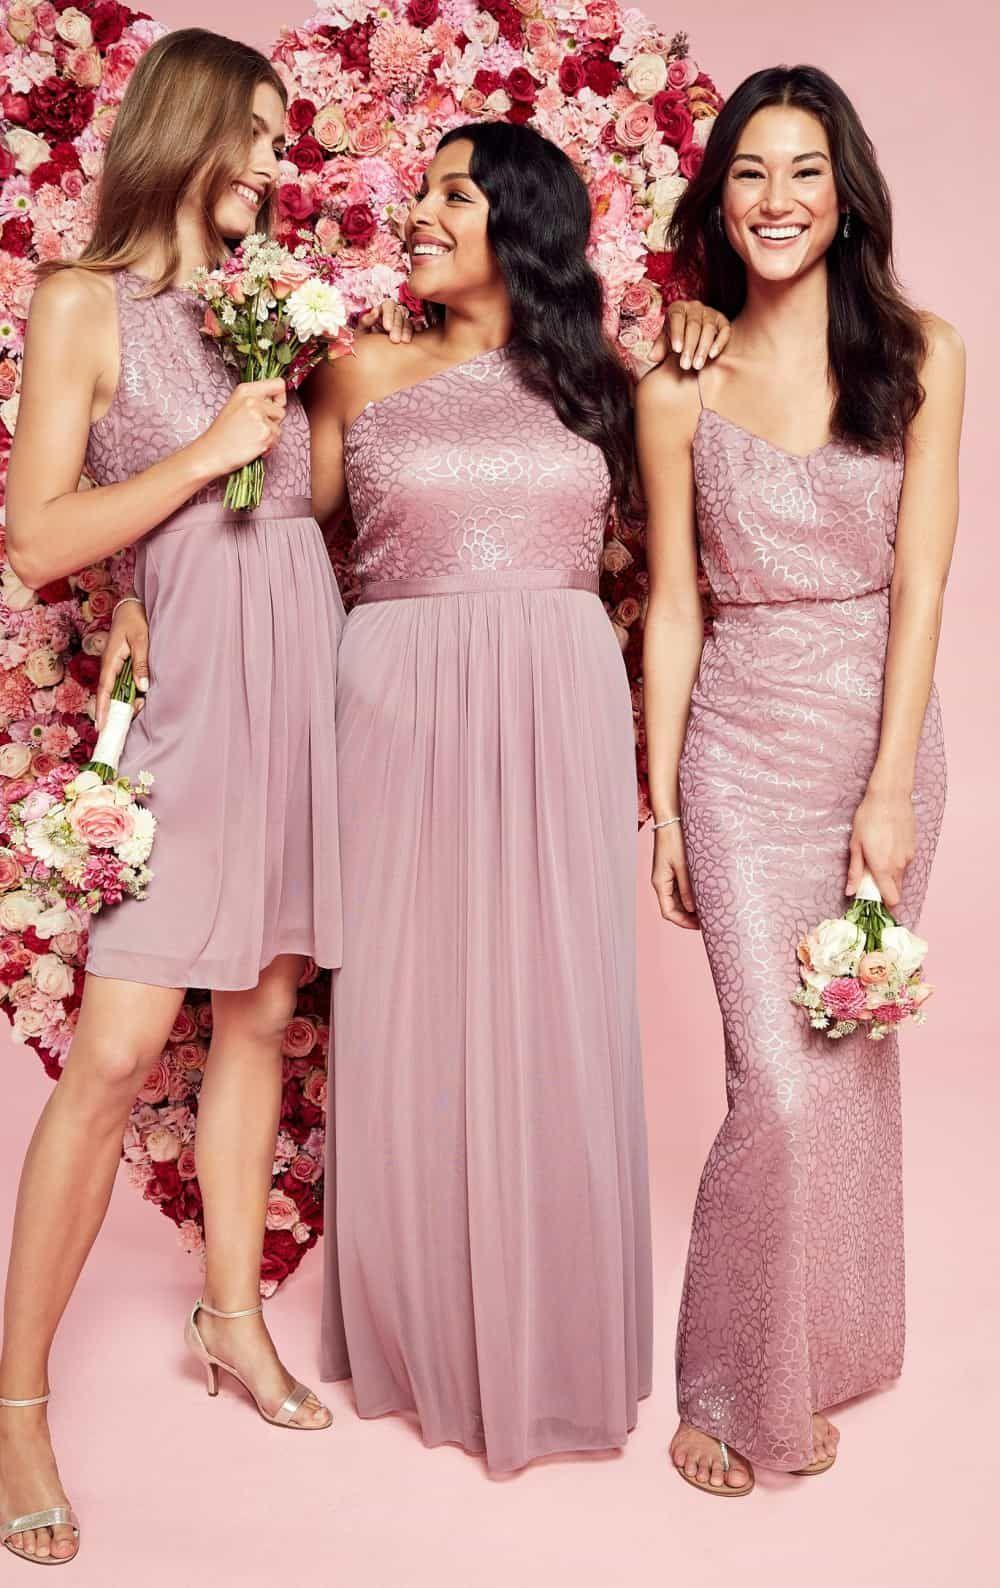 New Affordable Bridesmaid Dresses from David\'s Bridal | Bridal ...